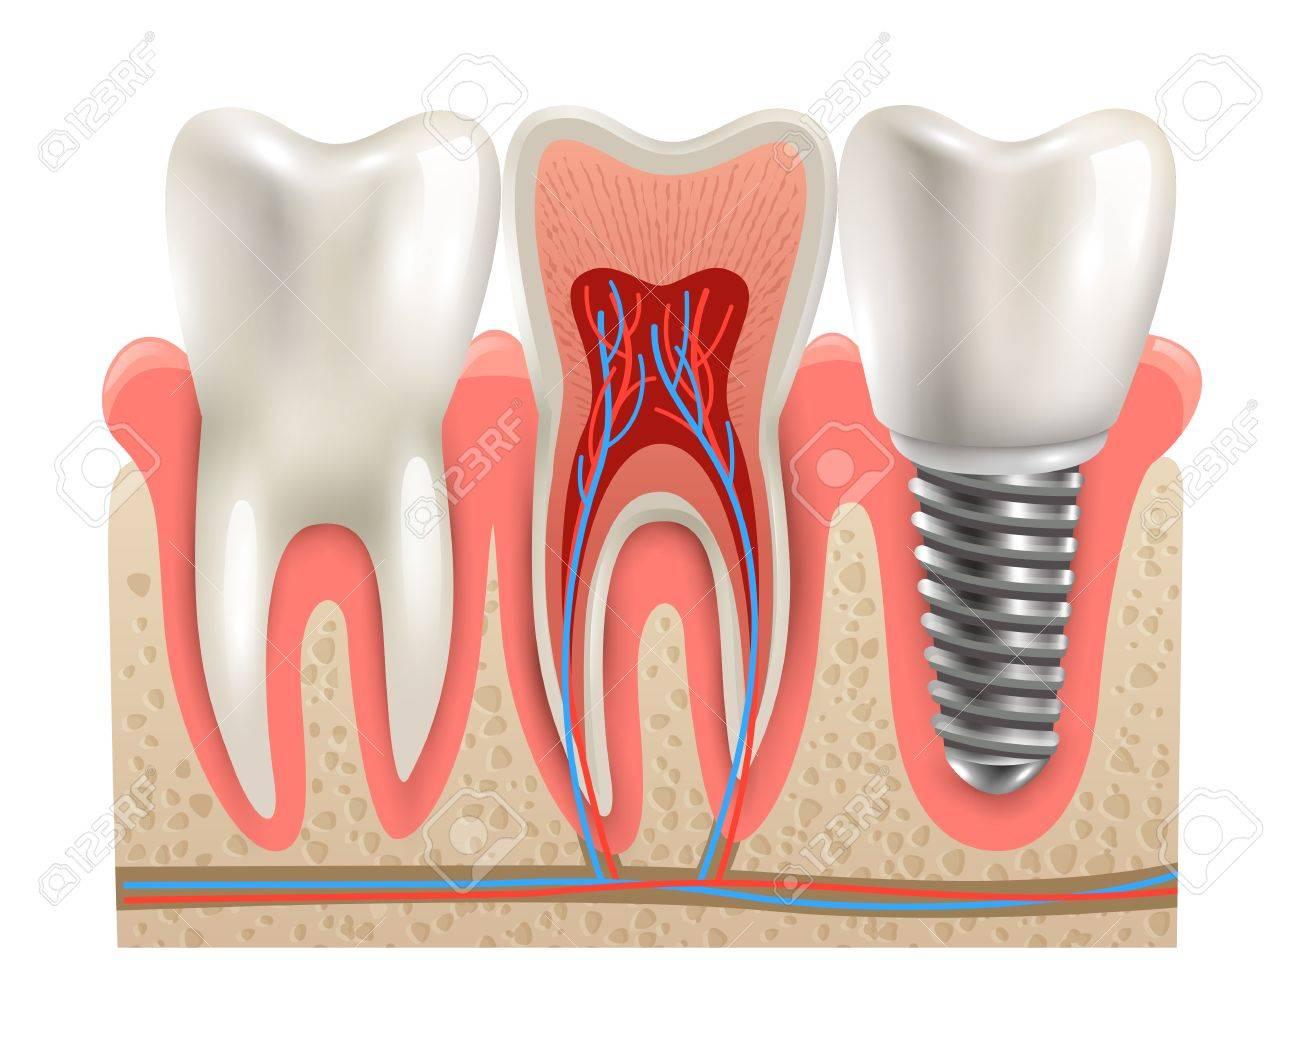 Implante Dental Y Diente Real Anatomía Primer Plano Cortadas Sección ...